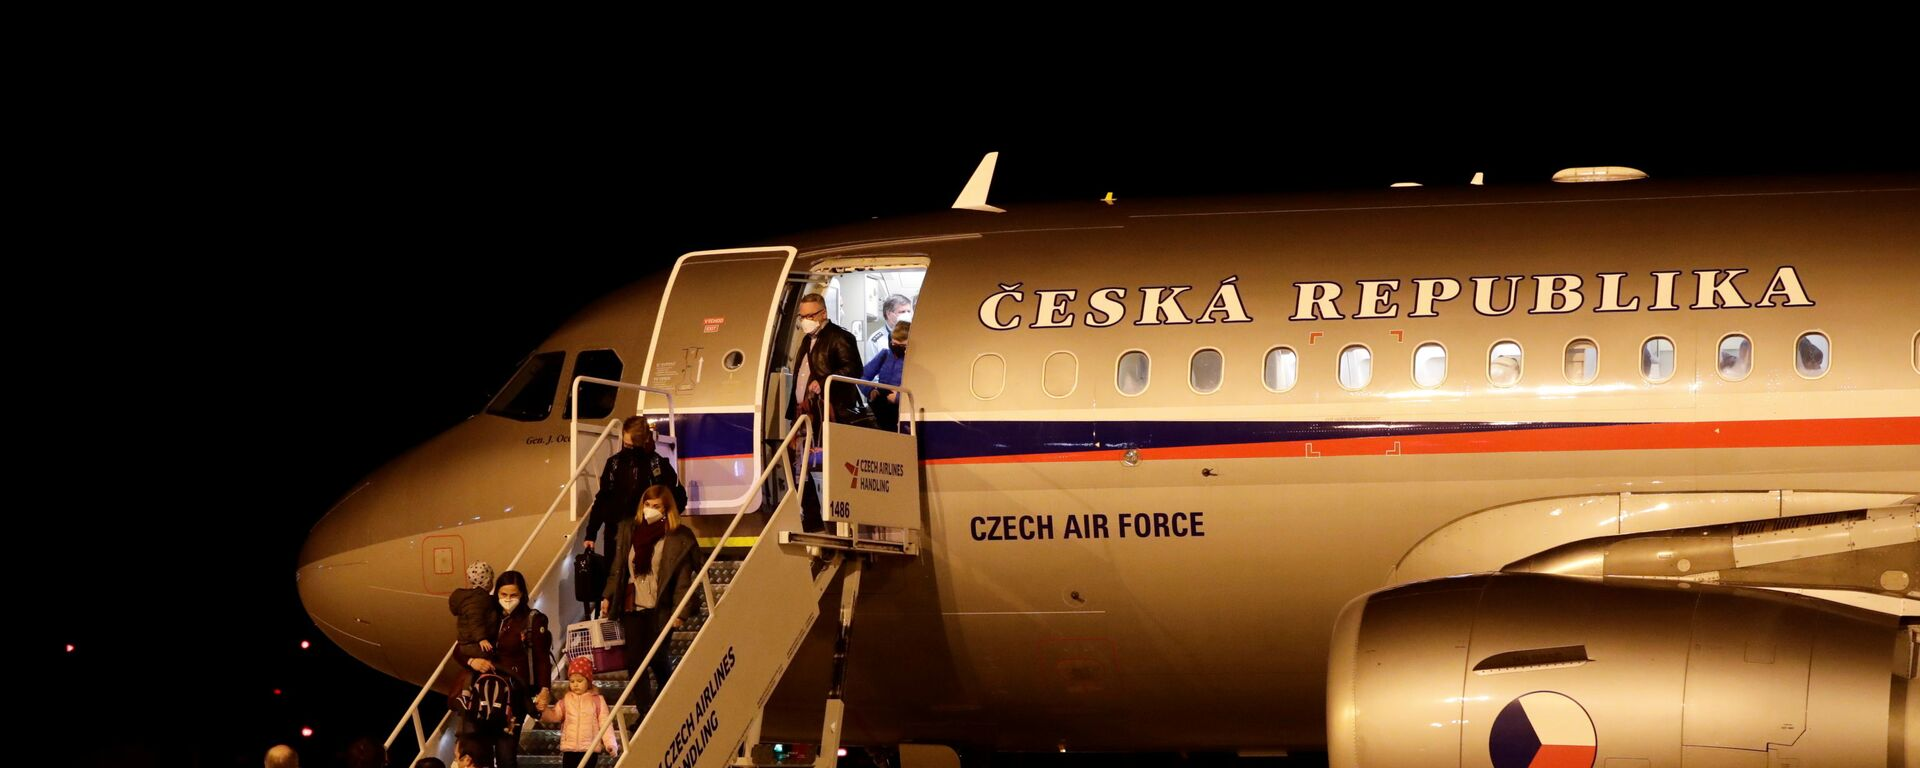 Čeští diplomaté vyhoštěni z Ruska dorazili na letiště Václava Havla v Praze - Sputnik Česká republika, 1920, 20.04.2021